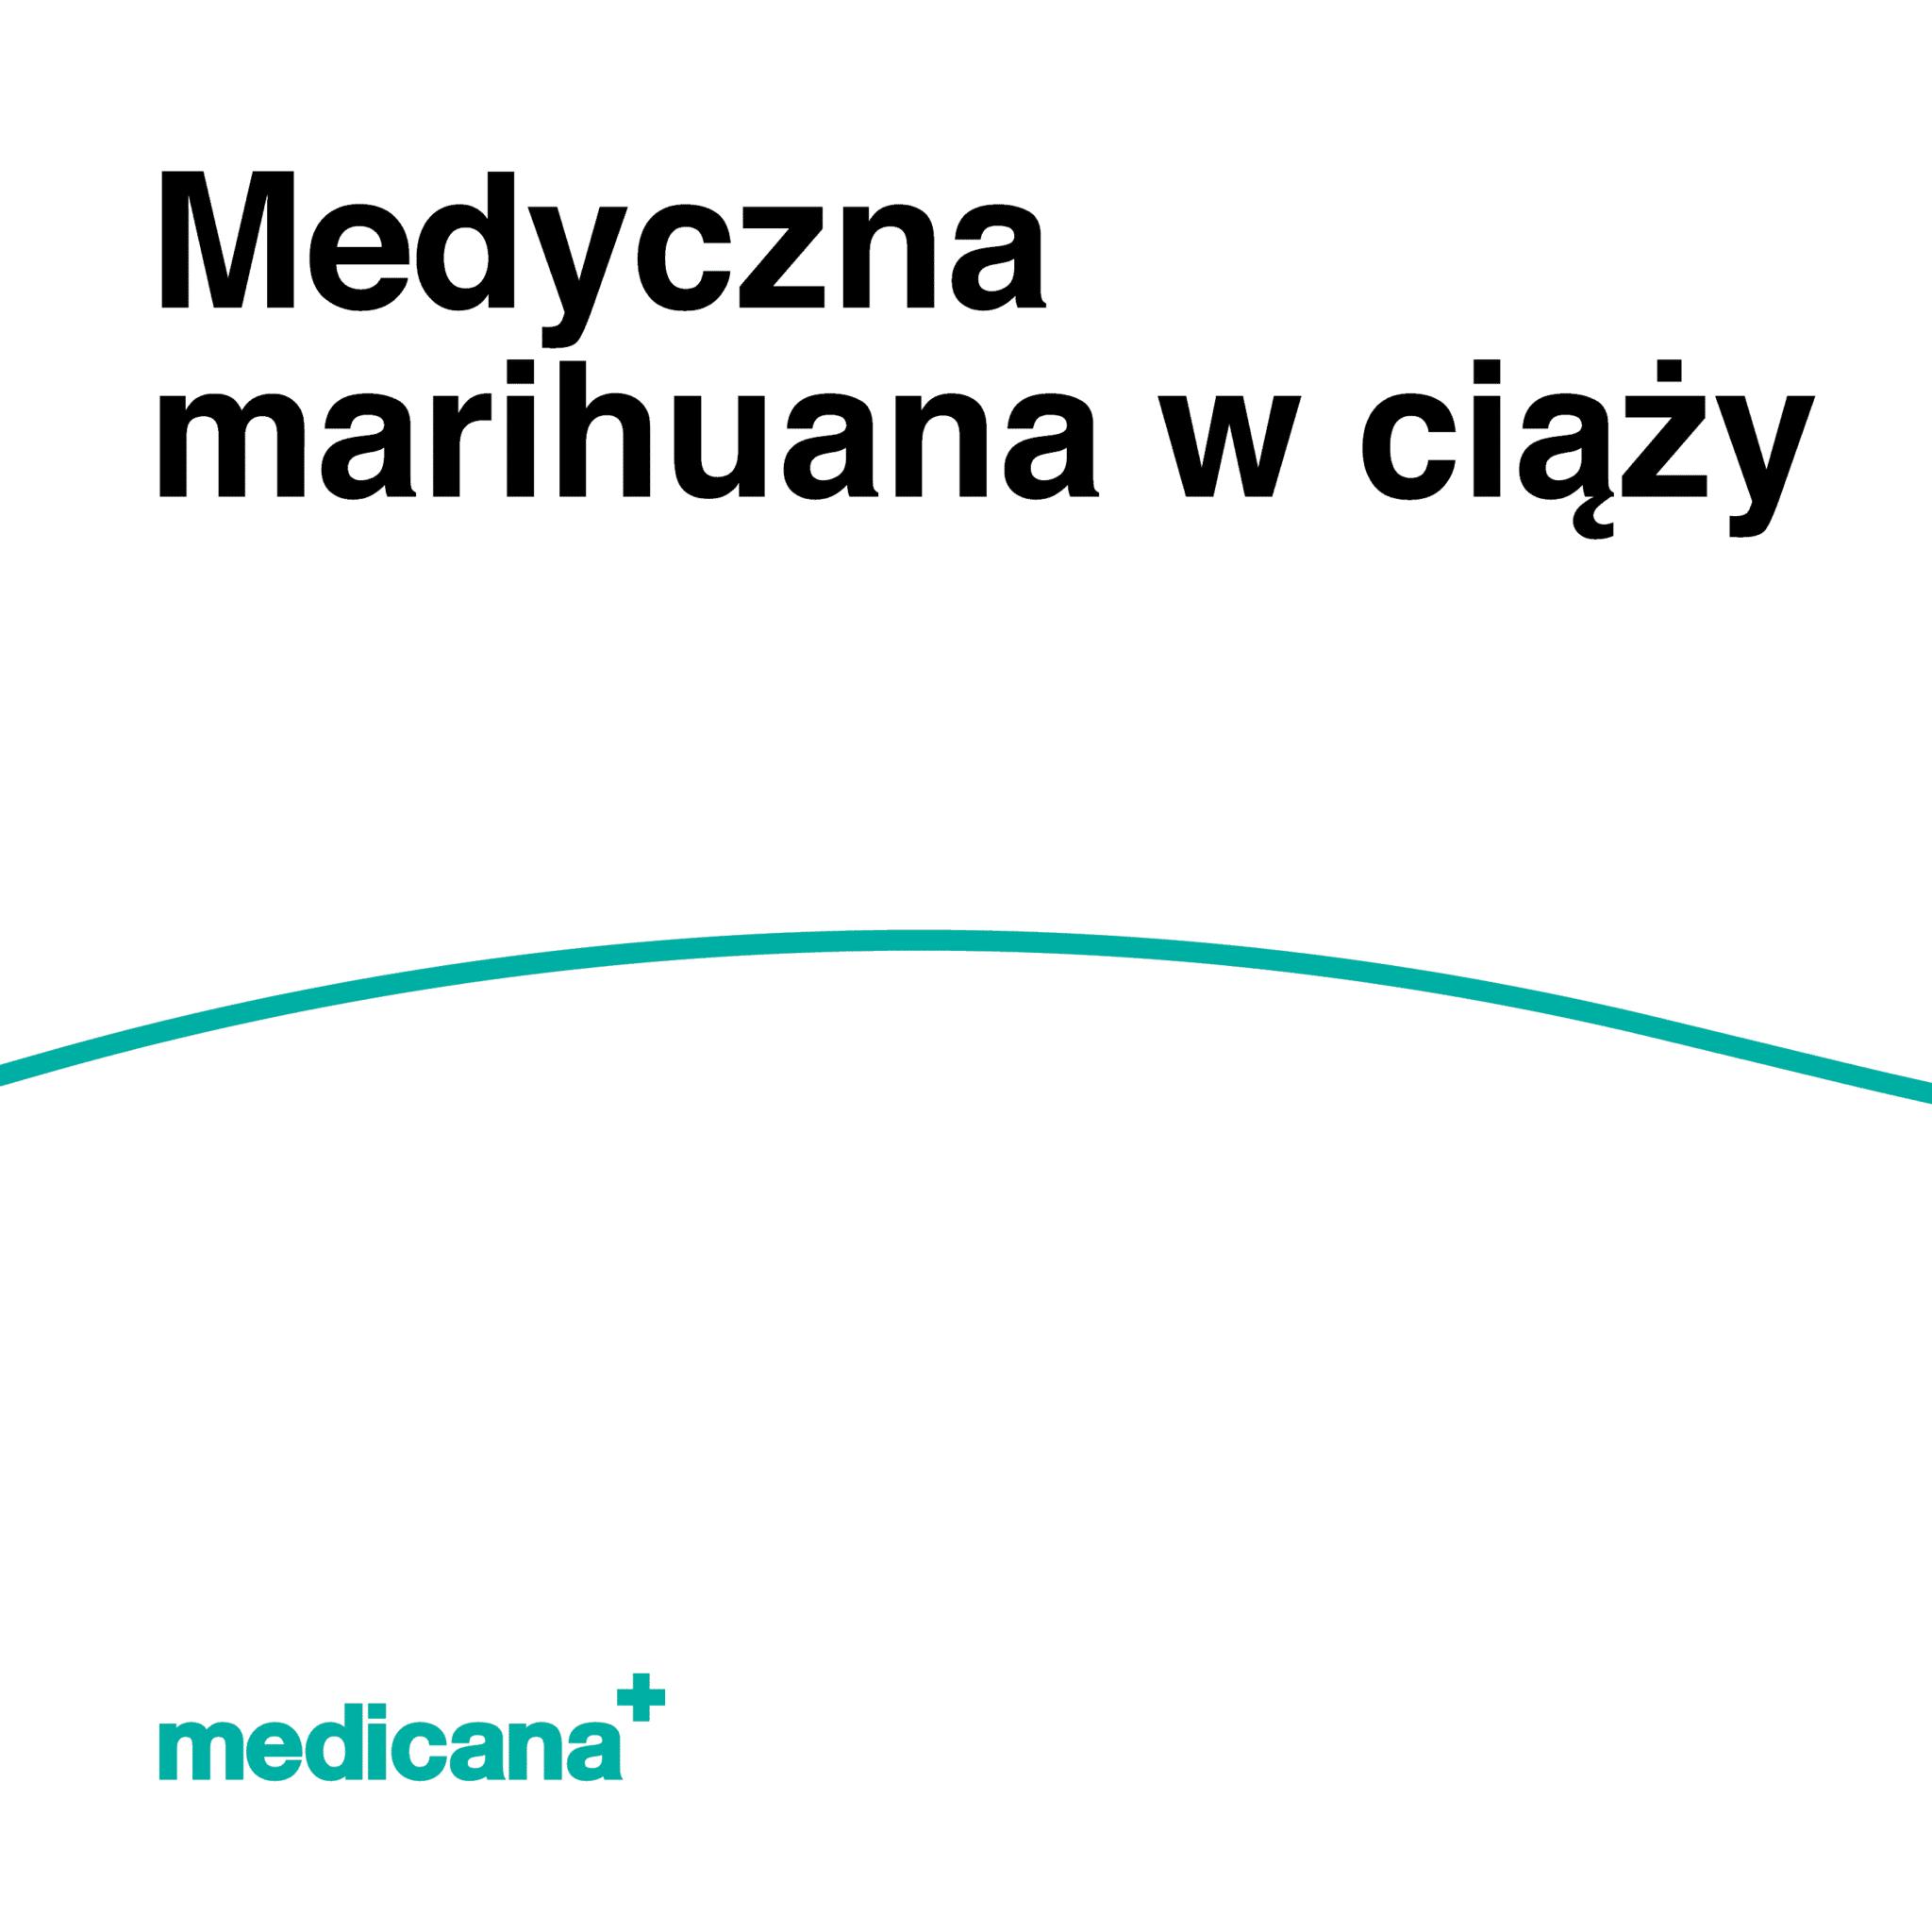 Grafika, białe tło z zieloną kreską i czarnym napisem Medyczna marihuana w ciąża oraz zielonym logo Medicana w lewym dolnym rogu.